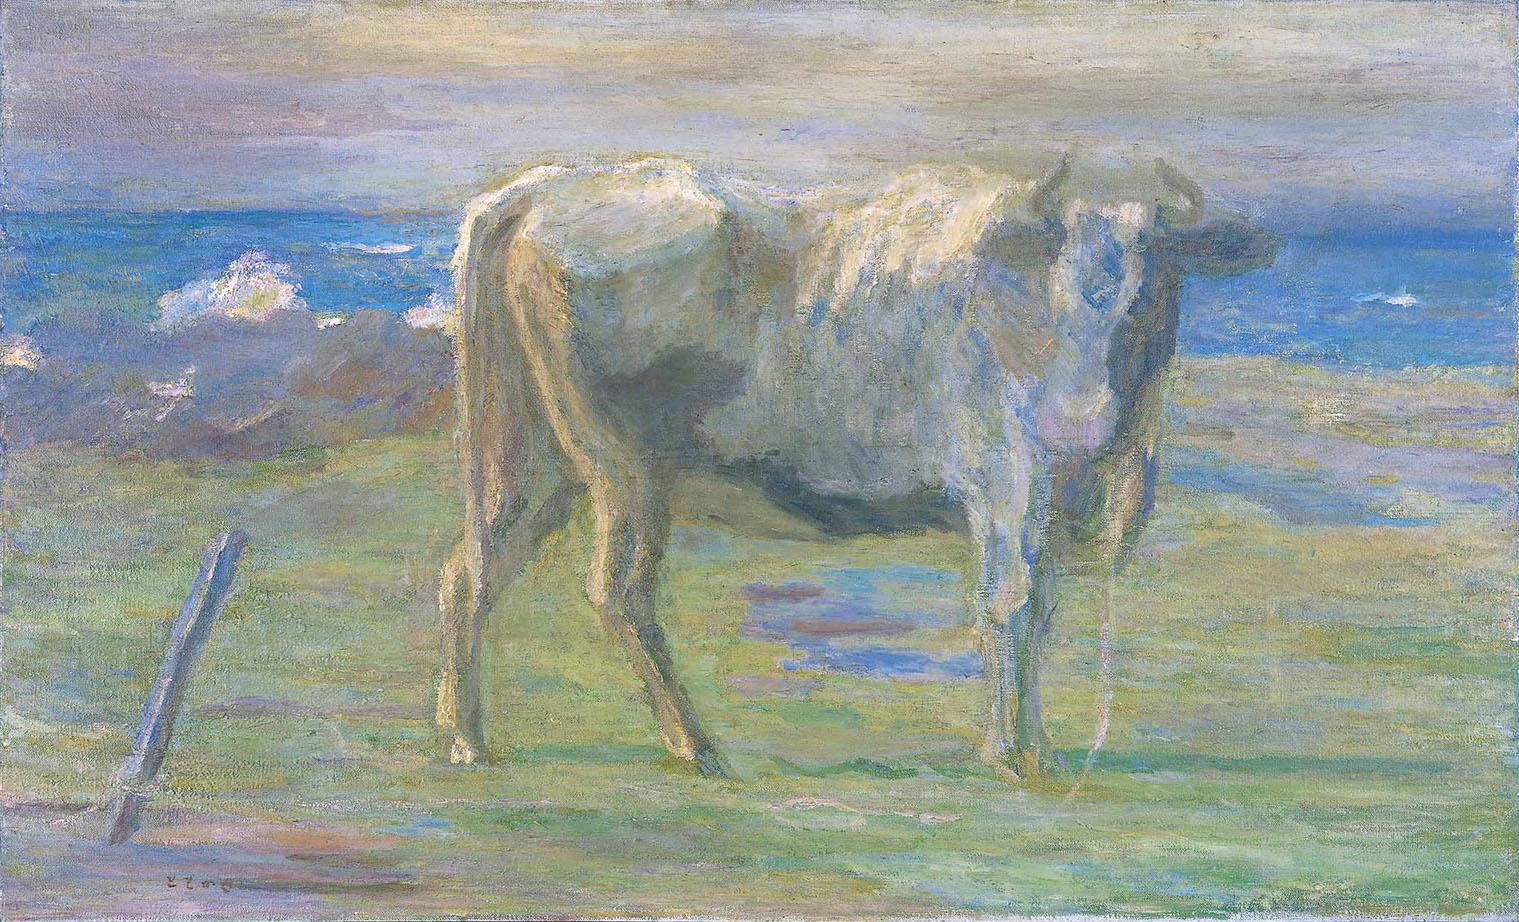 坂本繁二郎<br /> 《海岸の牛》1914年<br /> 北九州市立美術館蔵